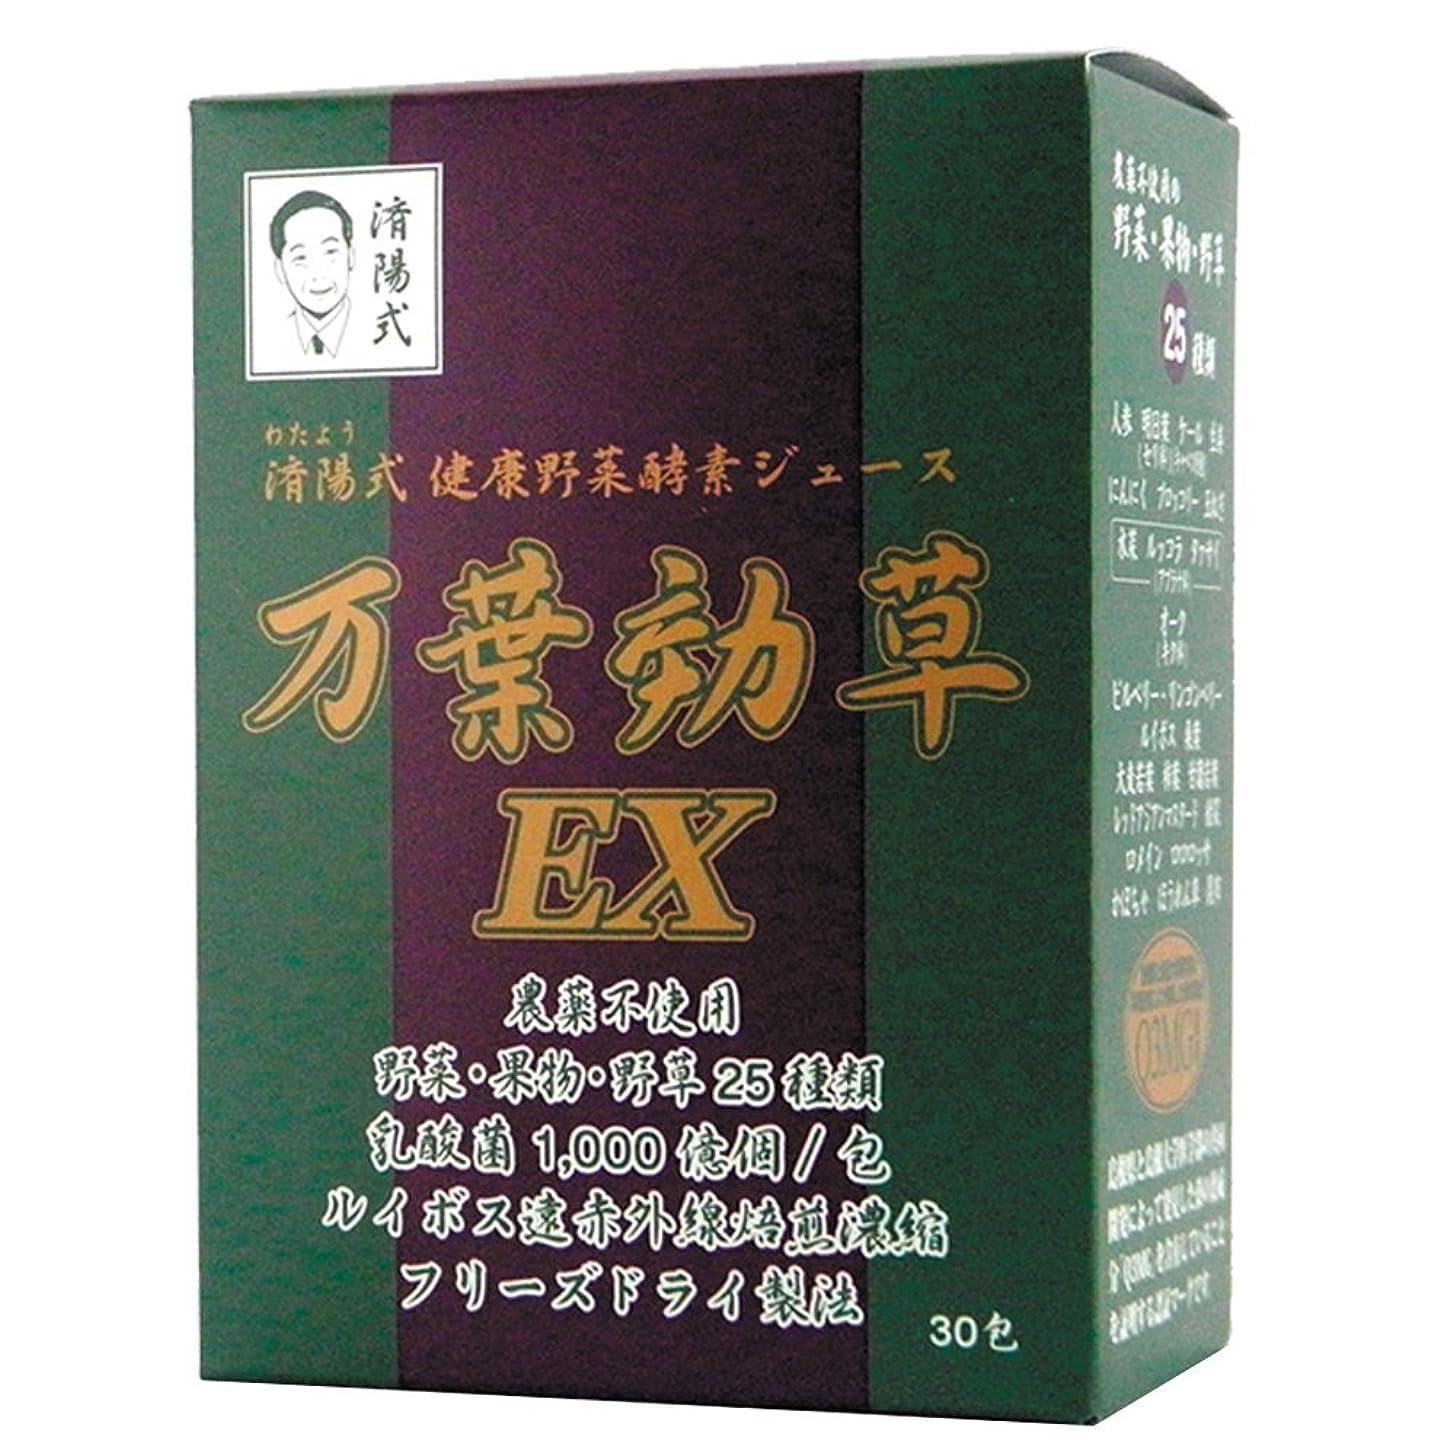 頑固な鹿電話するAIGエム 済陽式 健康野菜酵素ジュース 万葉効草EX